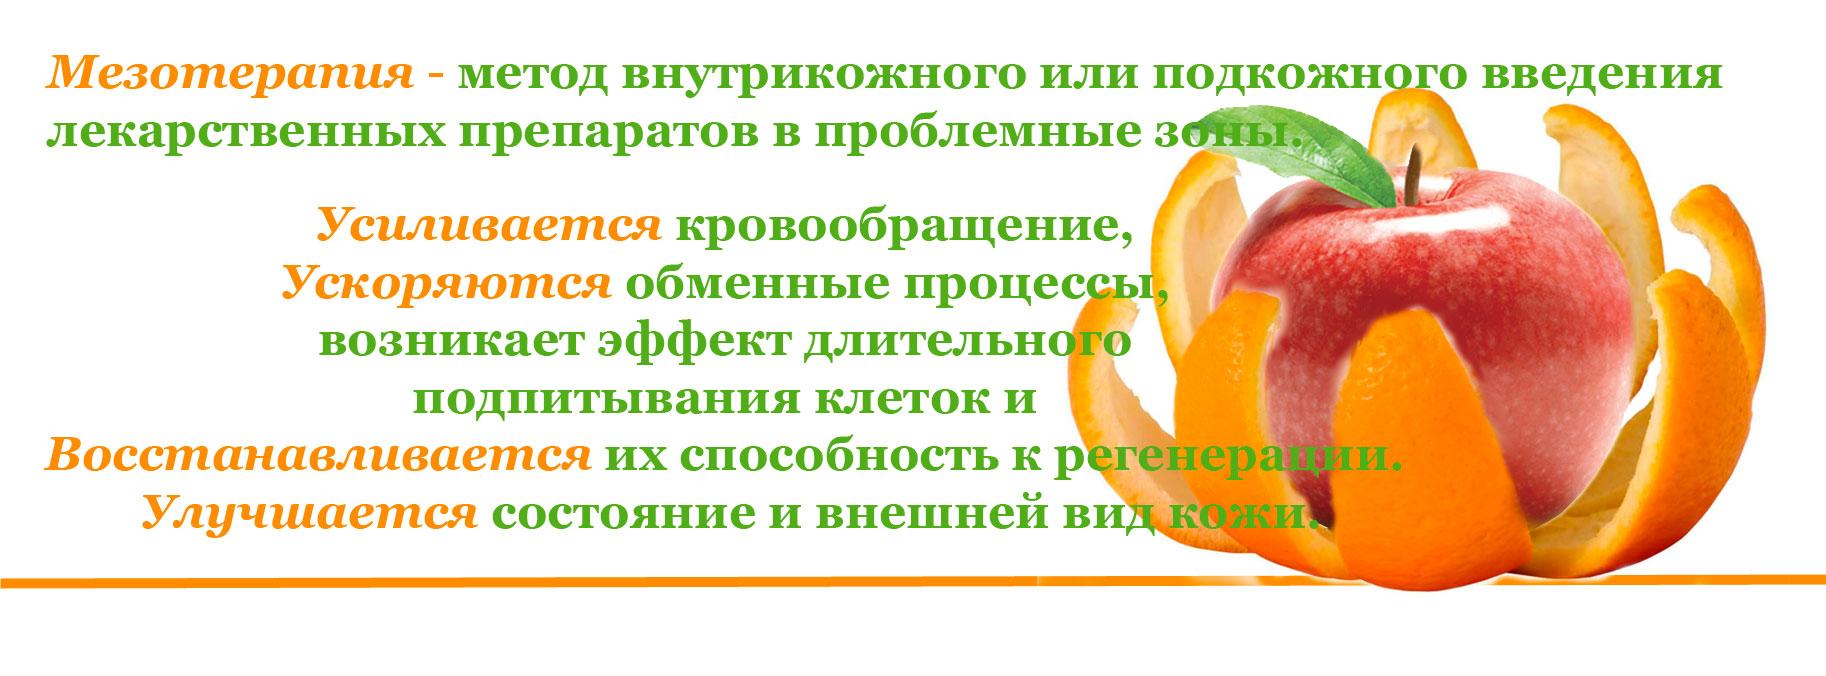 баннер-с-яблоком-мезотерапия